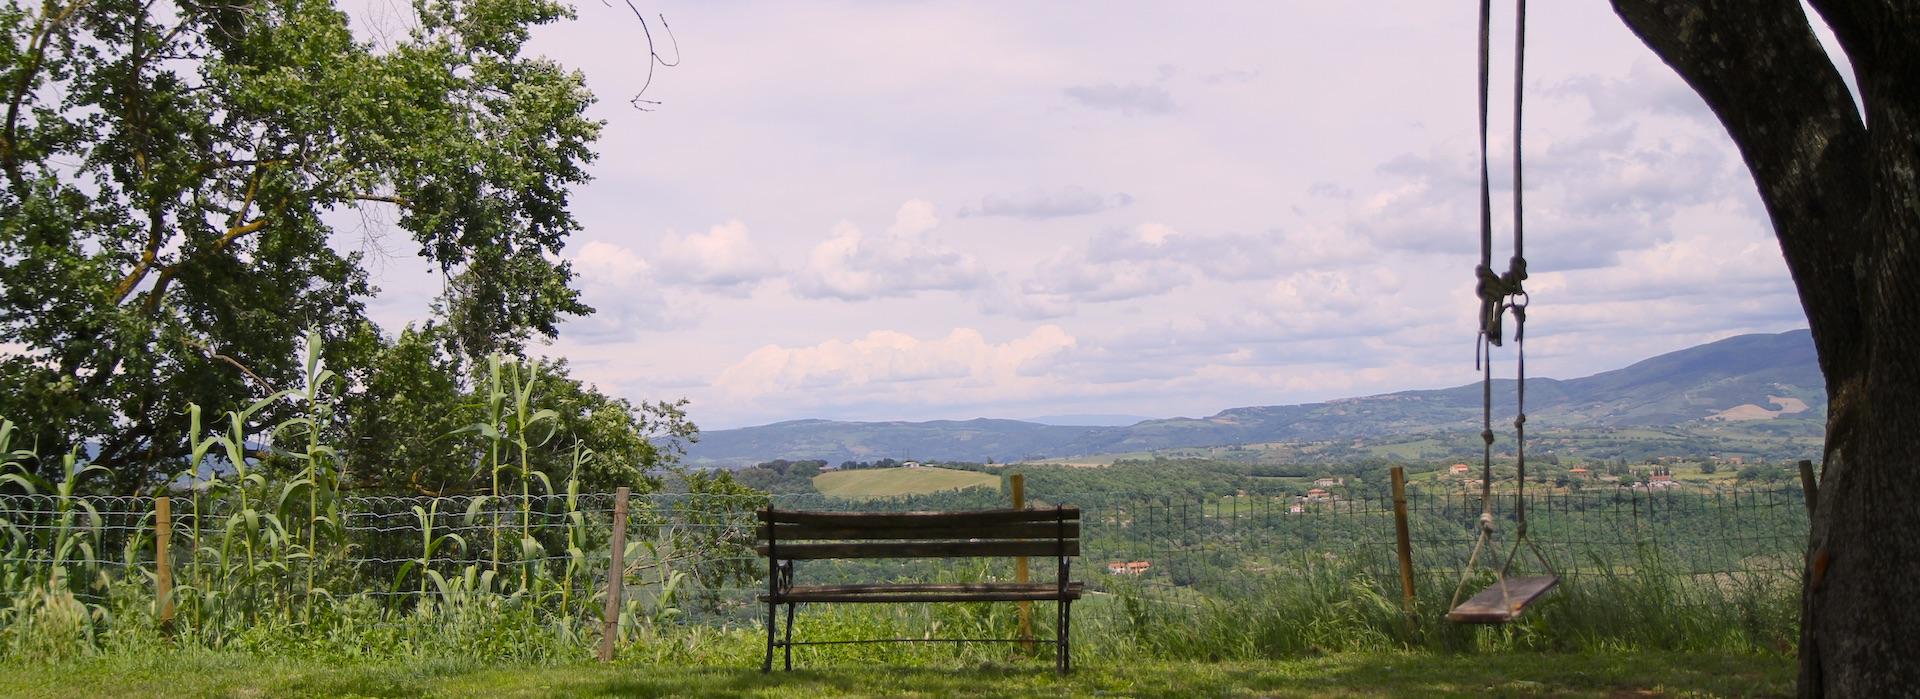 Panchina con vista sulla valle del Tevere da Podere Porcino